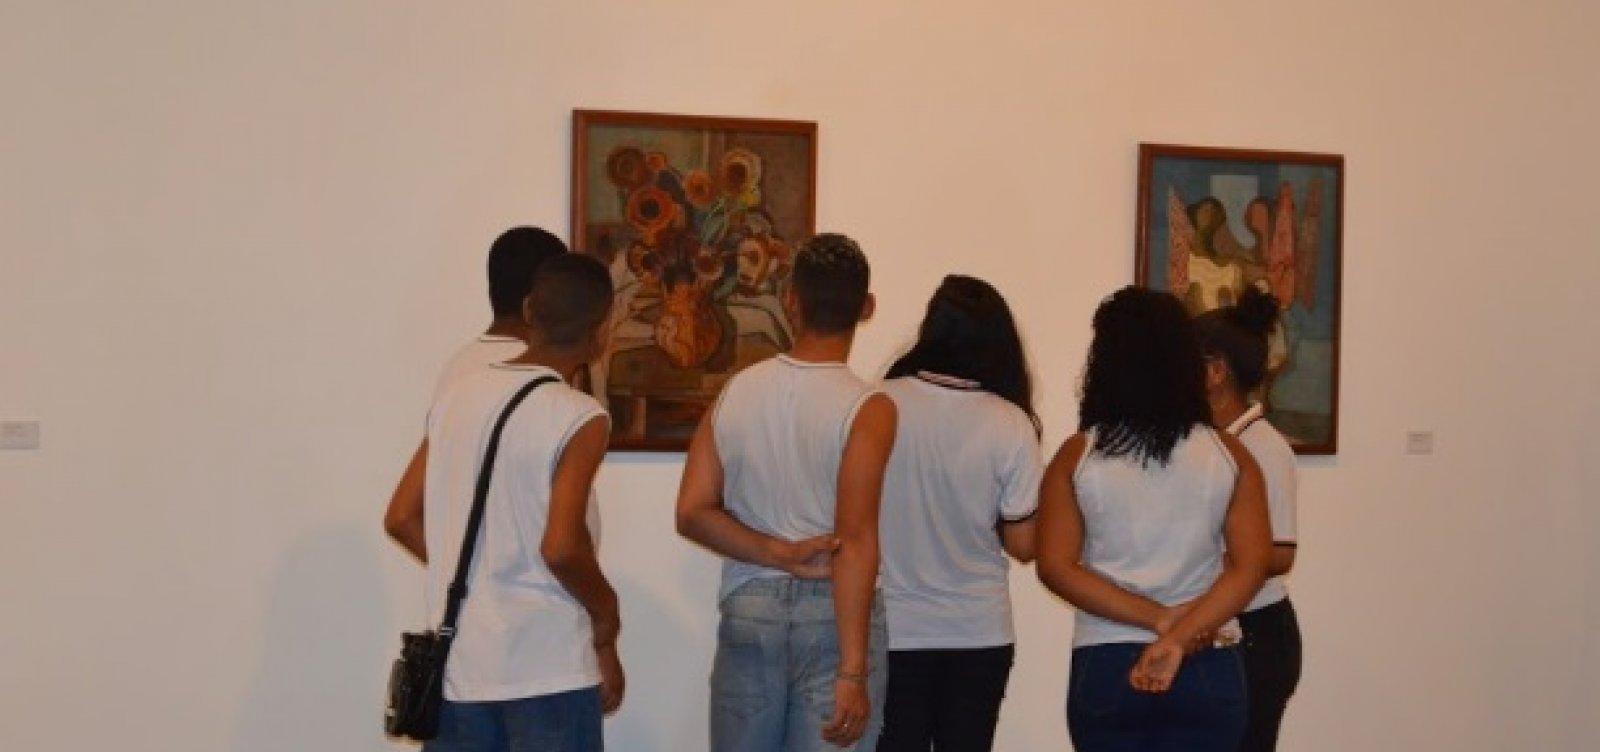 [Exposição no MAM reúne obras de Tarsila do Amaral, Portinari e Carybé]